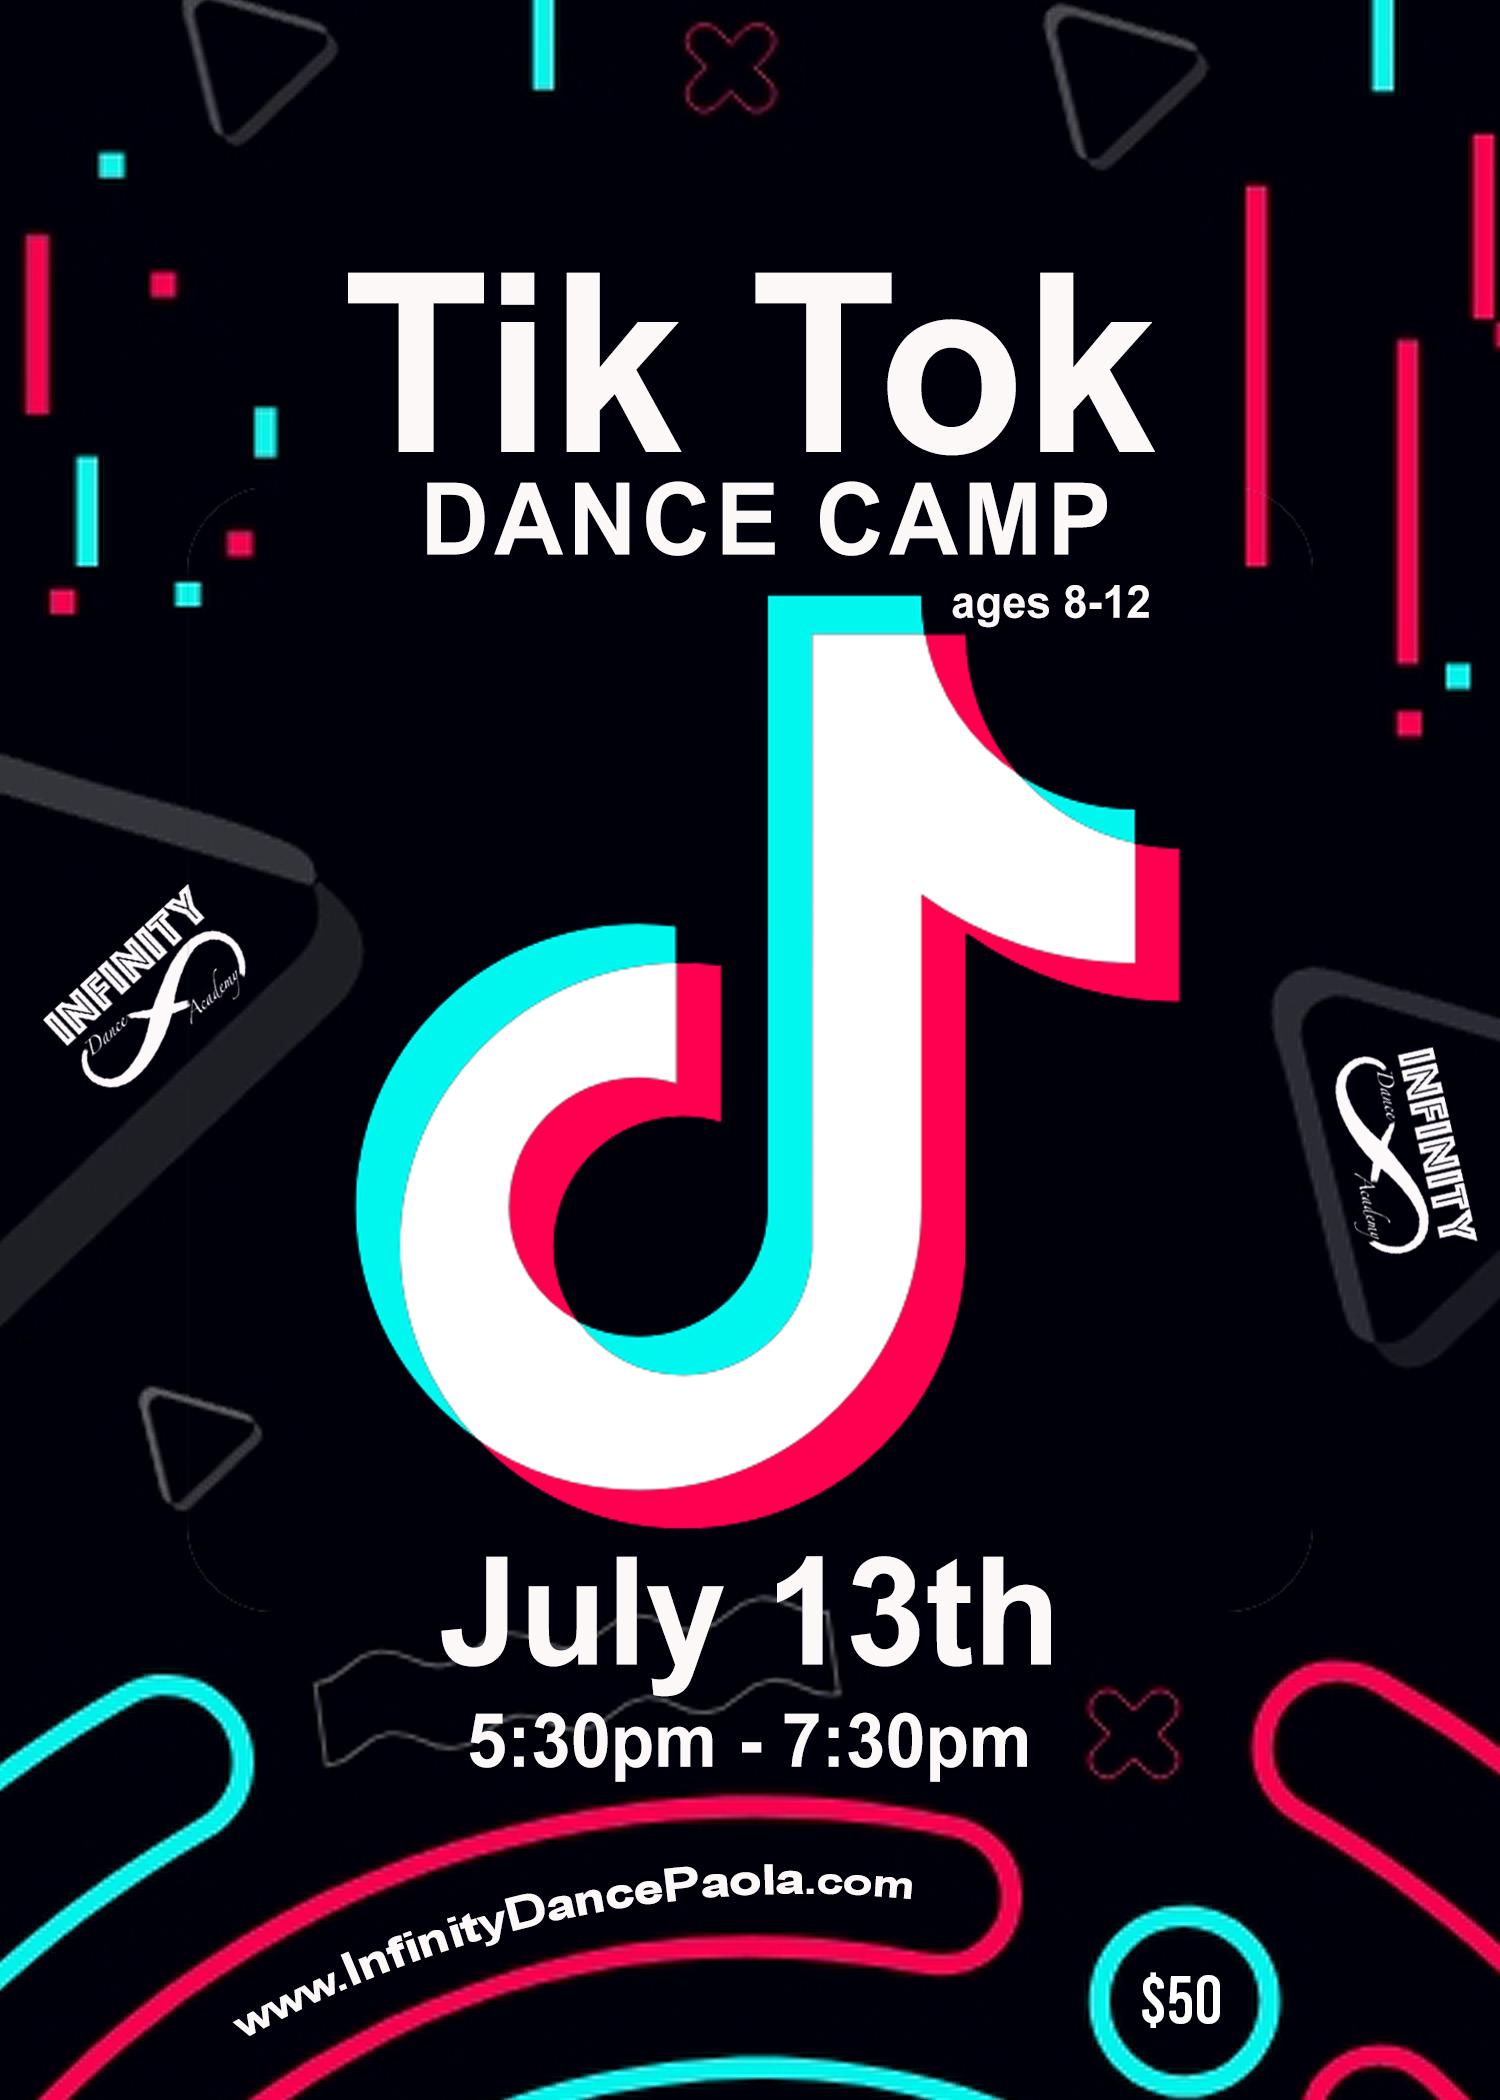 Tik Tok Dance Camp